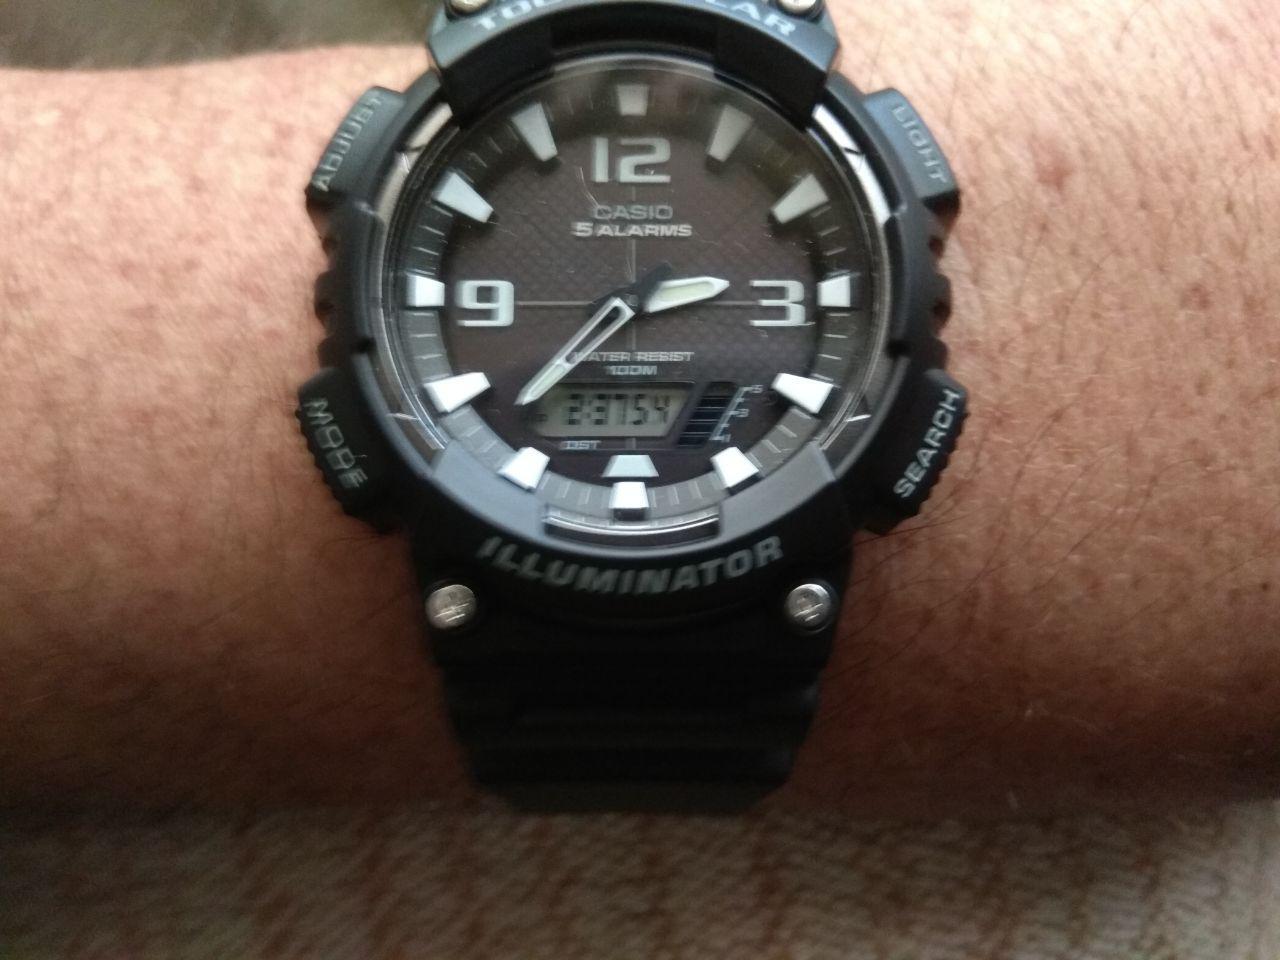 7086133251c7 Casio AEQ-200W. No quería meter con calzador en el artículo este reloj  aunque es parecido a los otros tres en lo de Ana-Digi y en la forma de la  caja y ...